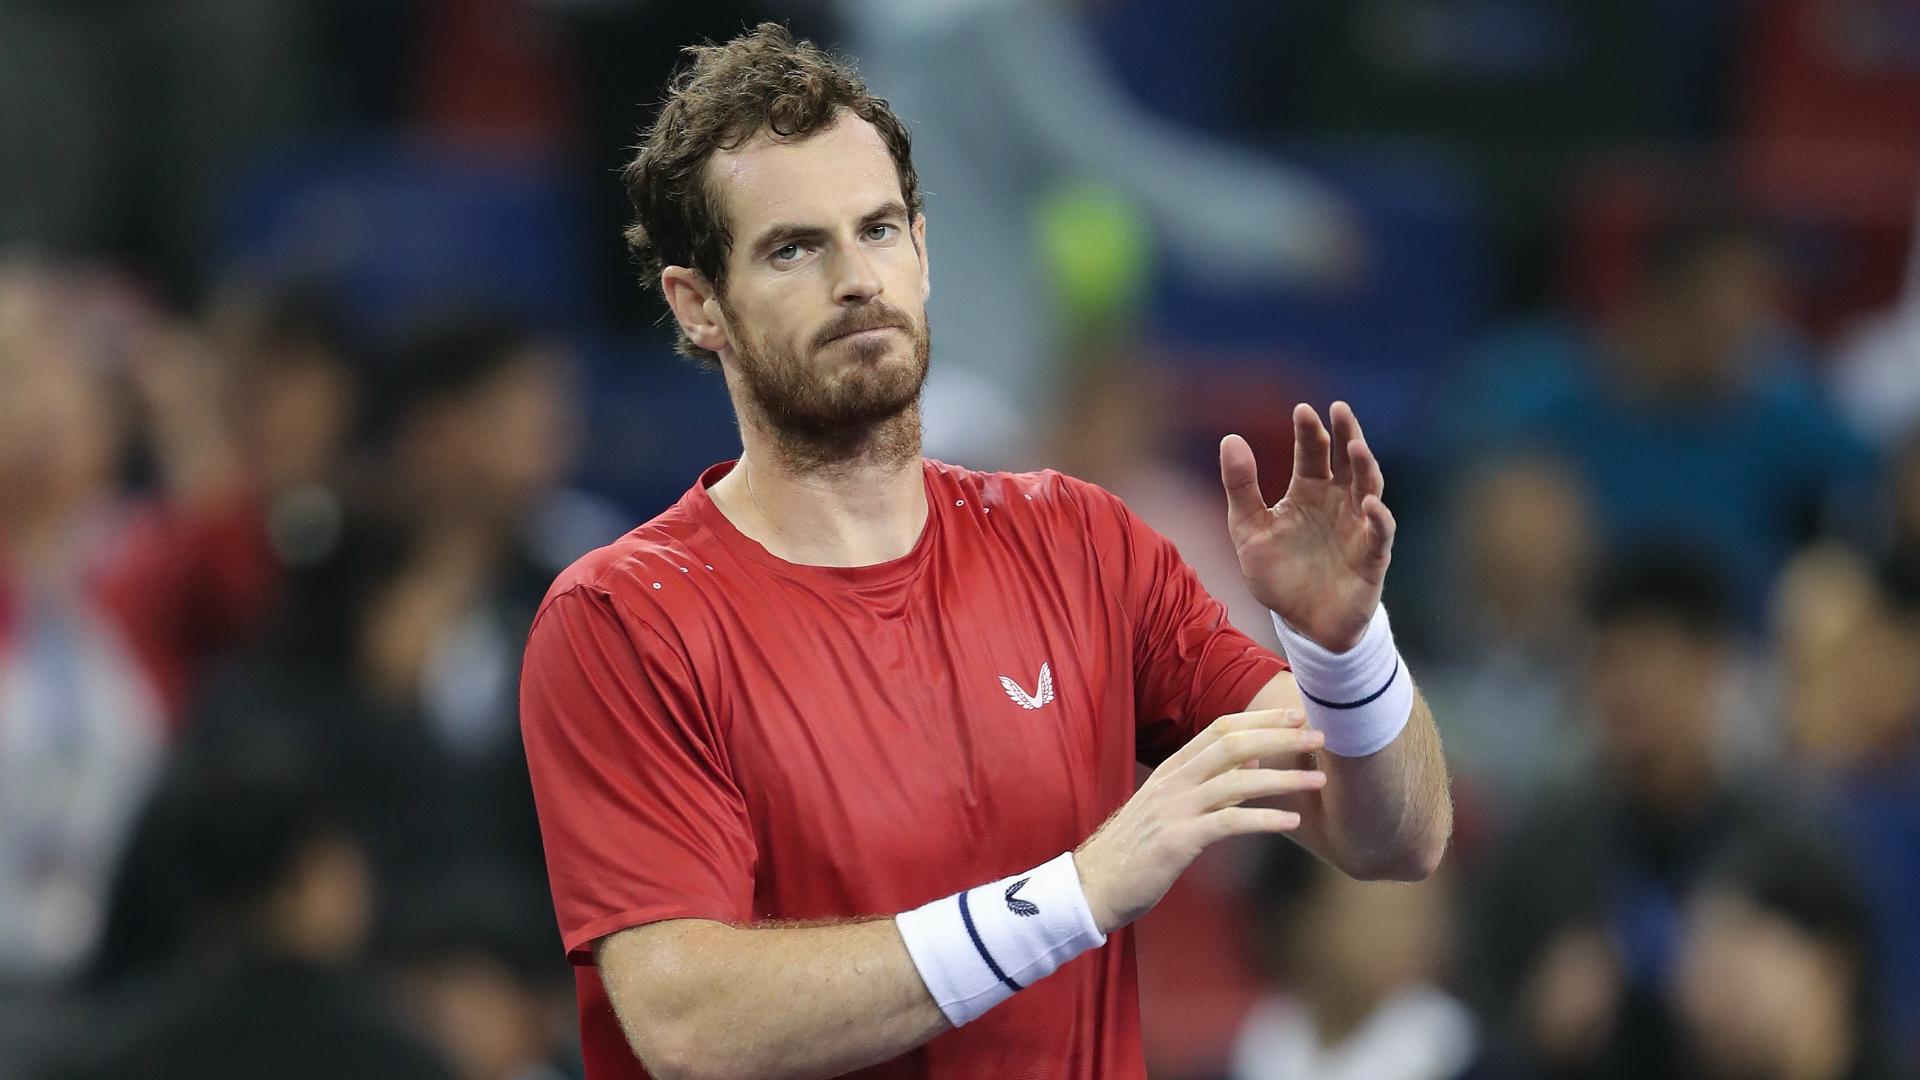 Becker lends support to Federer's ATP-WTA merger idea